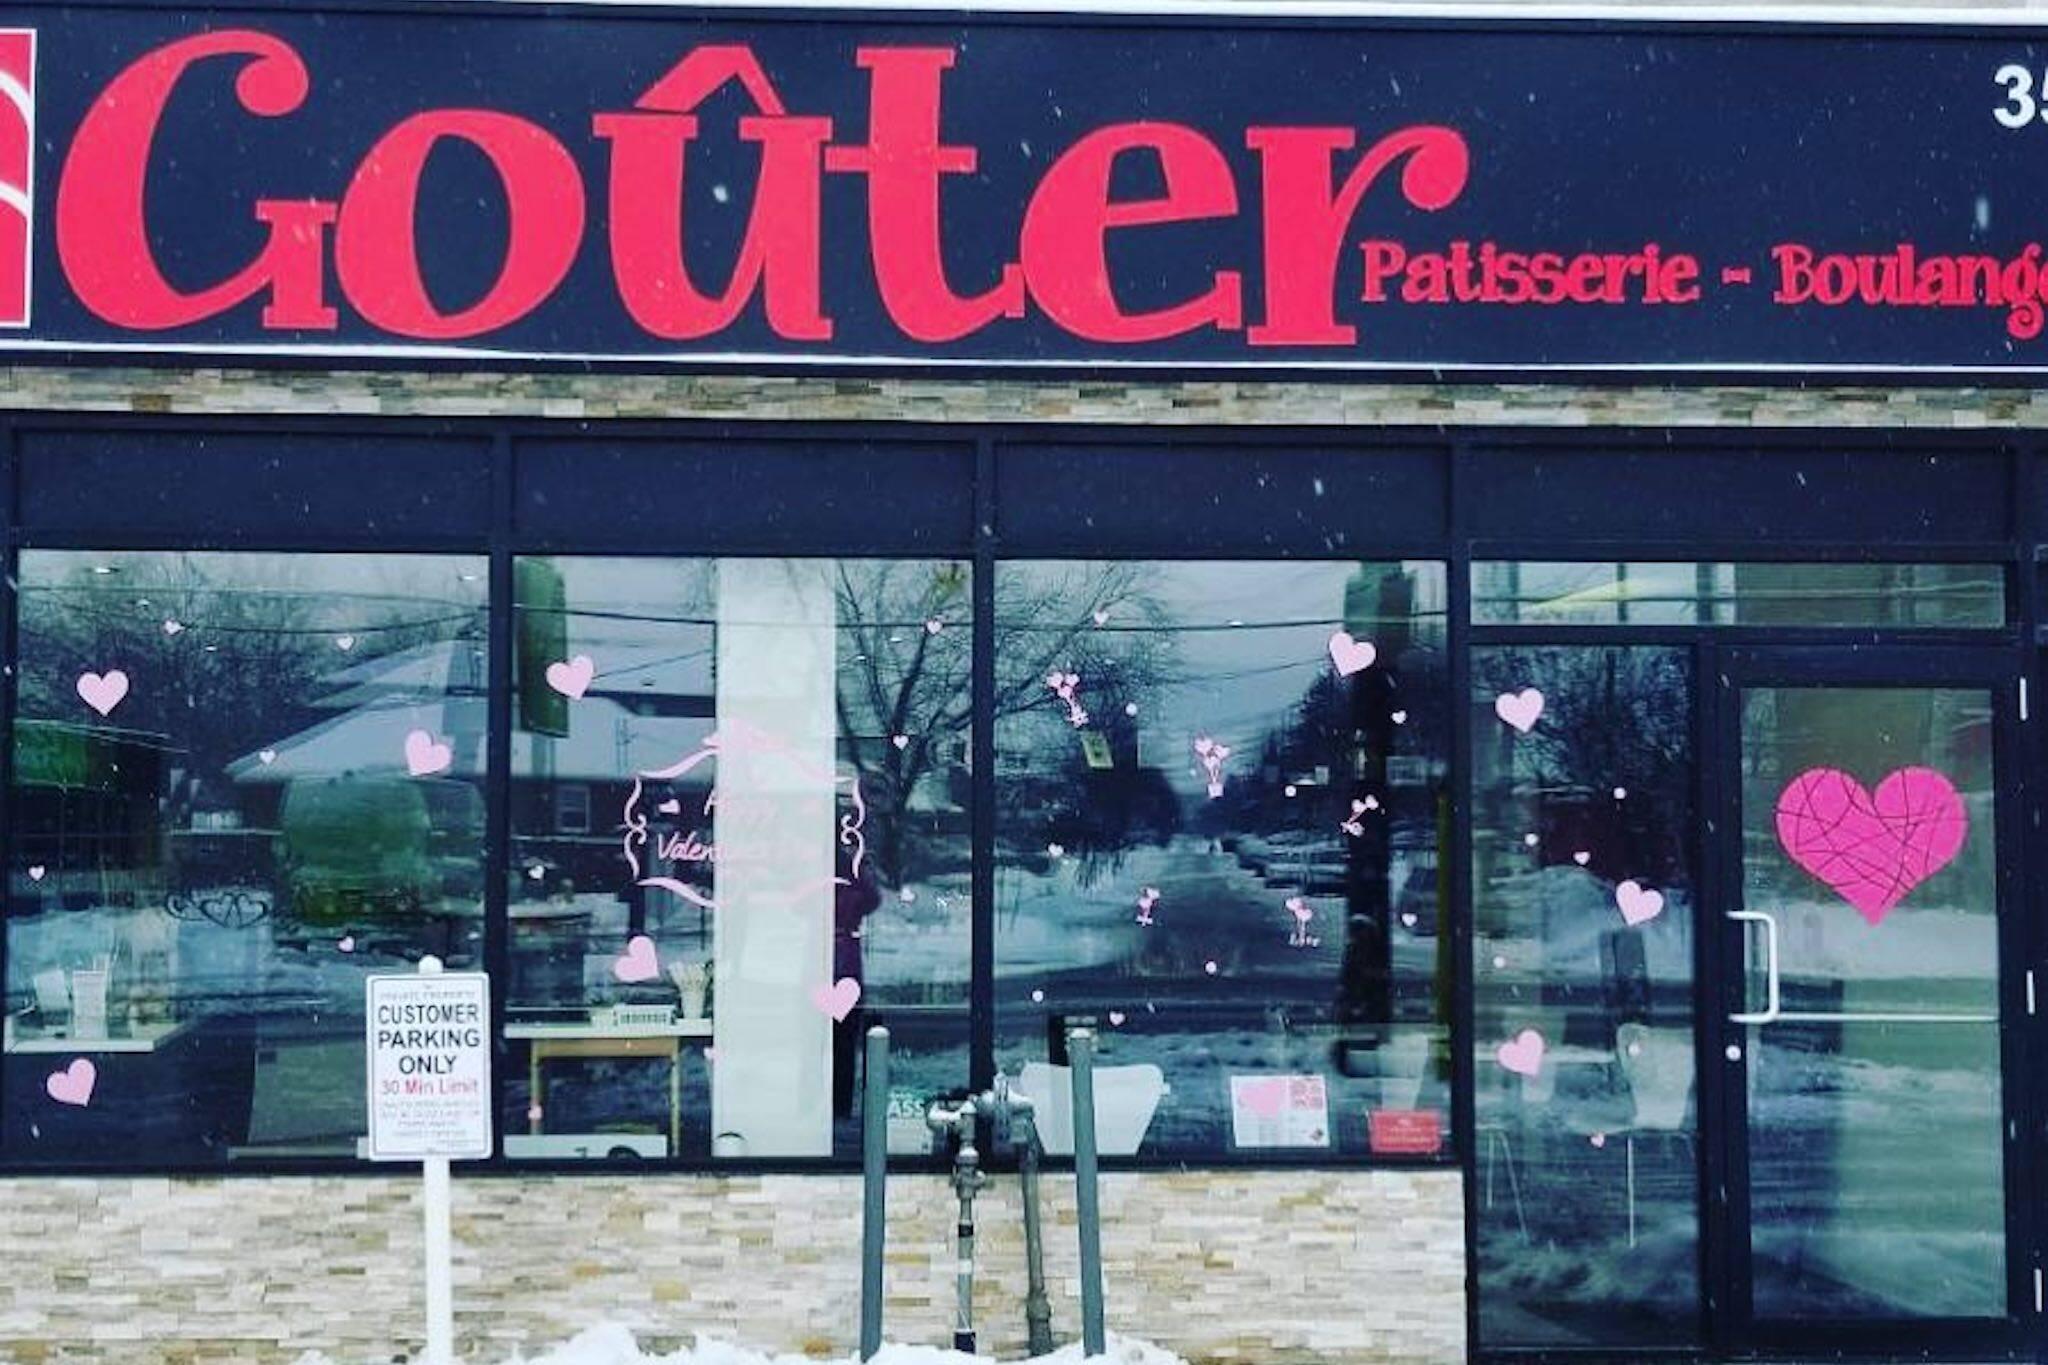 Gouter Toronto